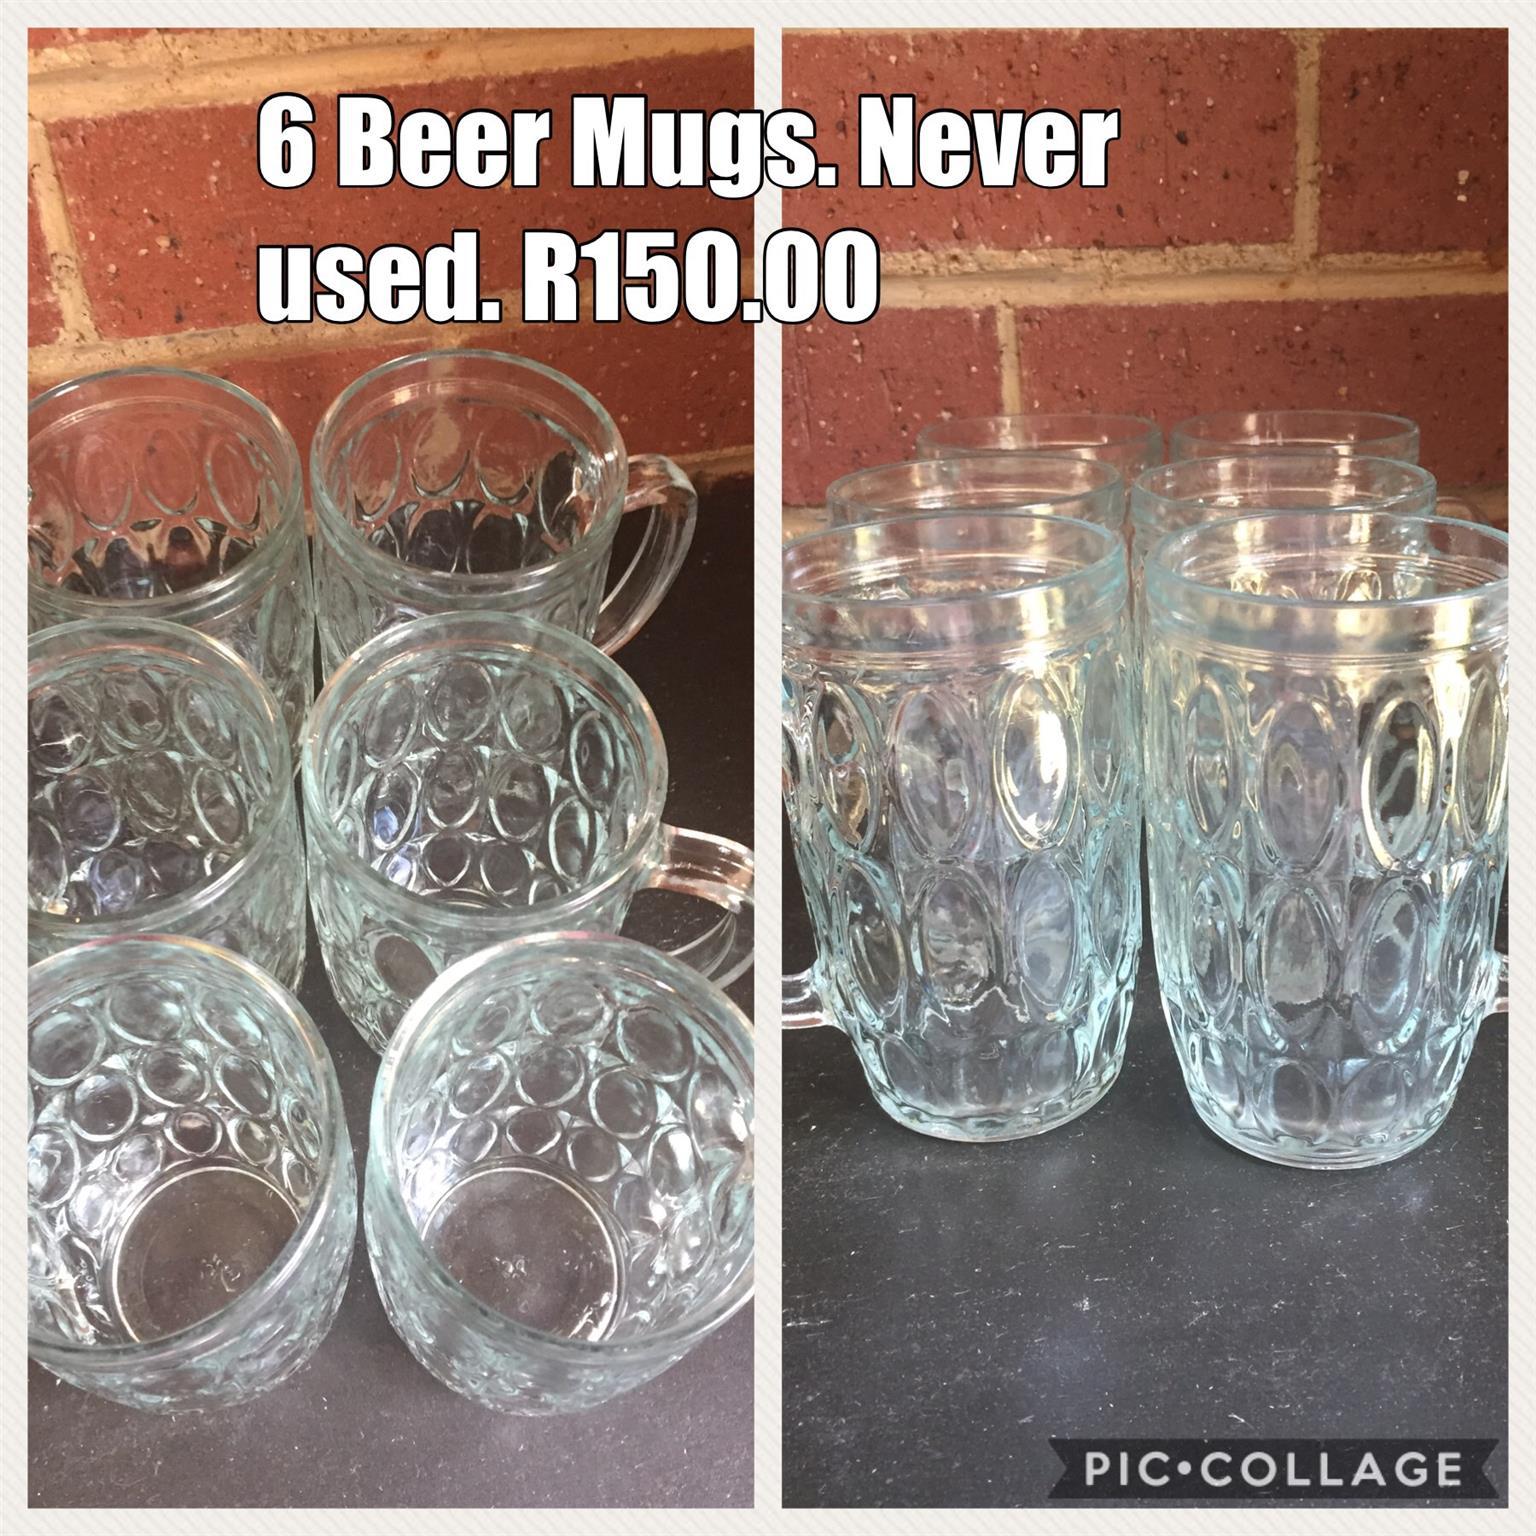 6 Beer mugs - Unused R 150.00 NEG